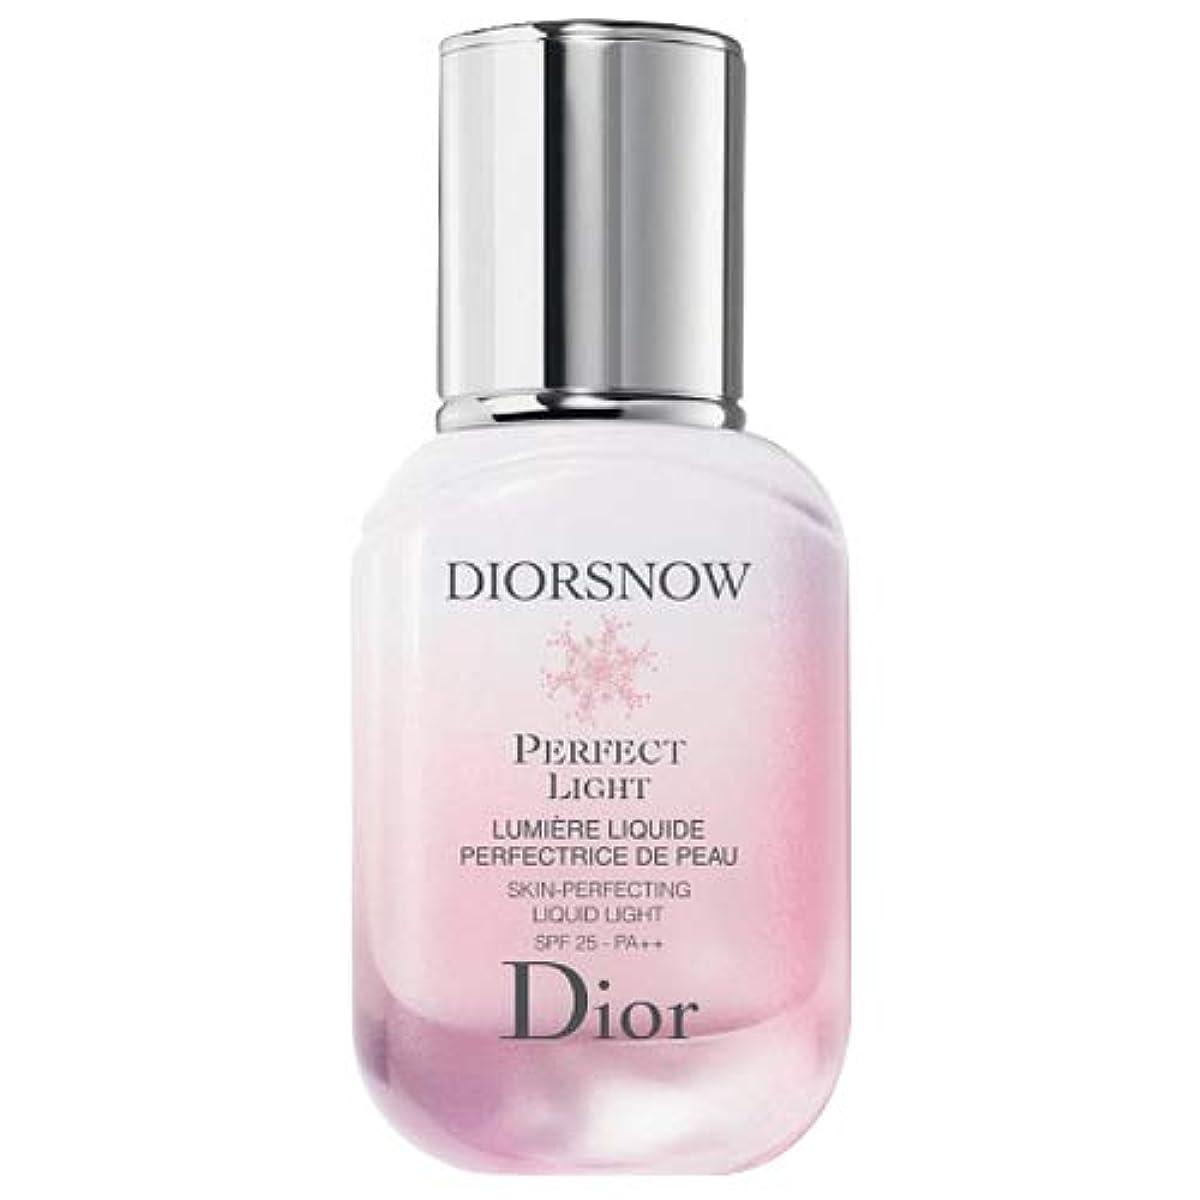 広告主有罪先例クリスチャンディオール Christian Dior スノーパーフェクト ライト SPF25/PA++ 30mL [並行輸入品]